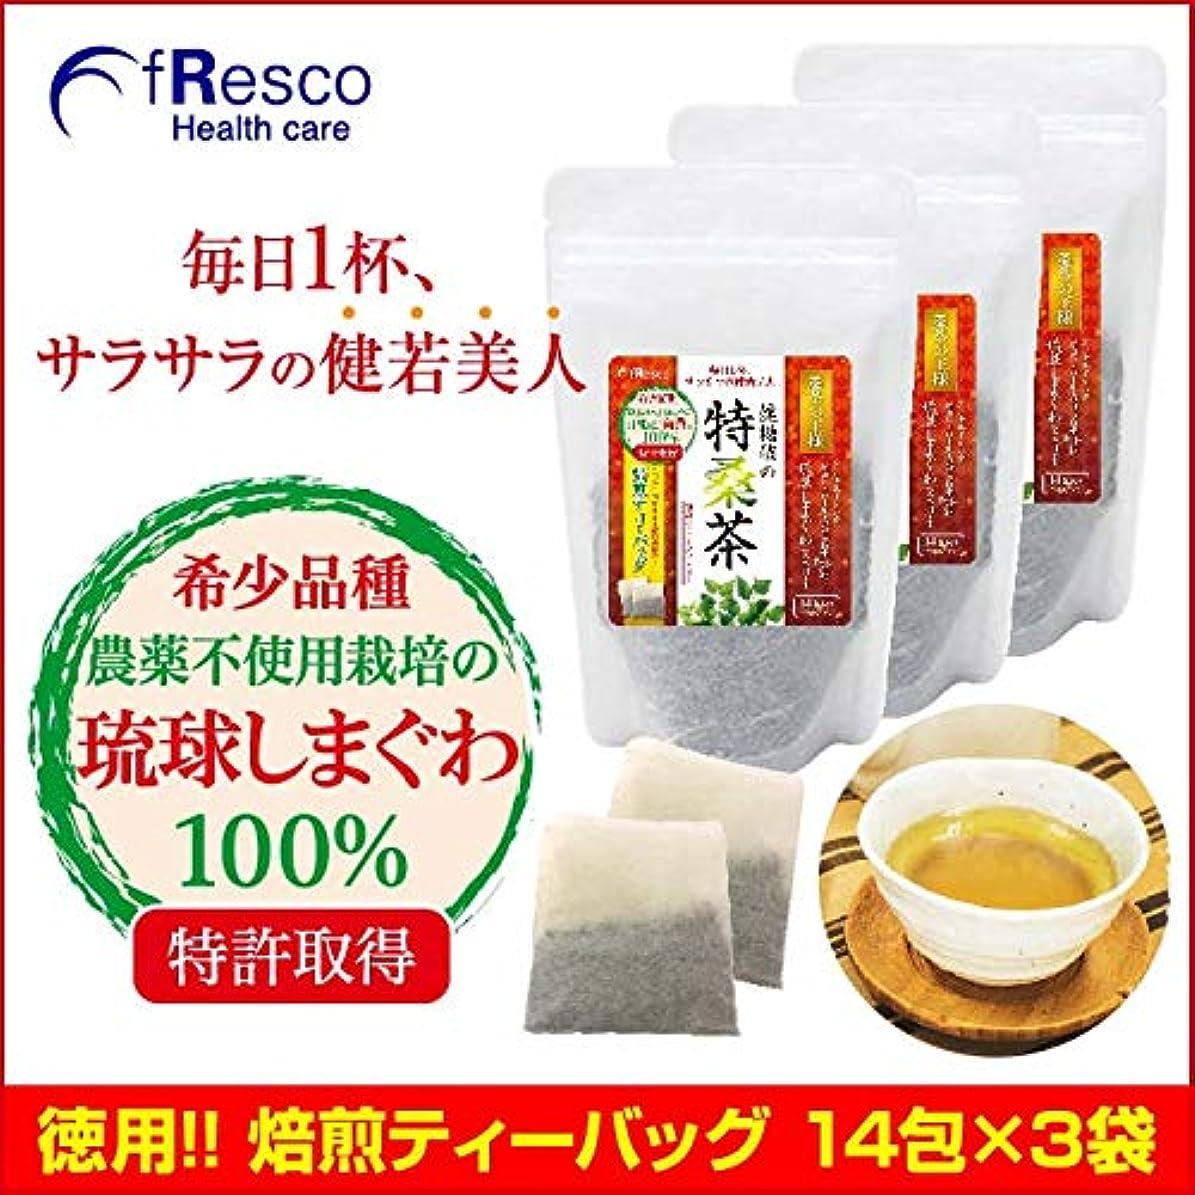 求人確かに溶けた桑茶の王様 琉球しまぐわ 健糖値の特桑茶 焙煎ティーバック 90日分(3個セット)